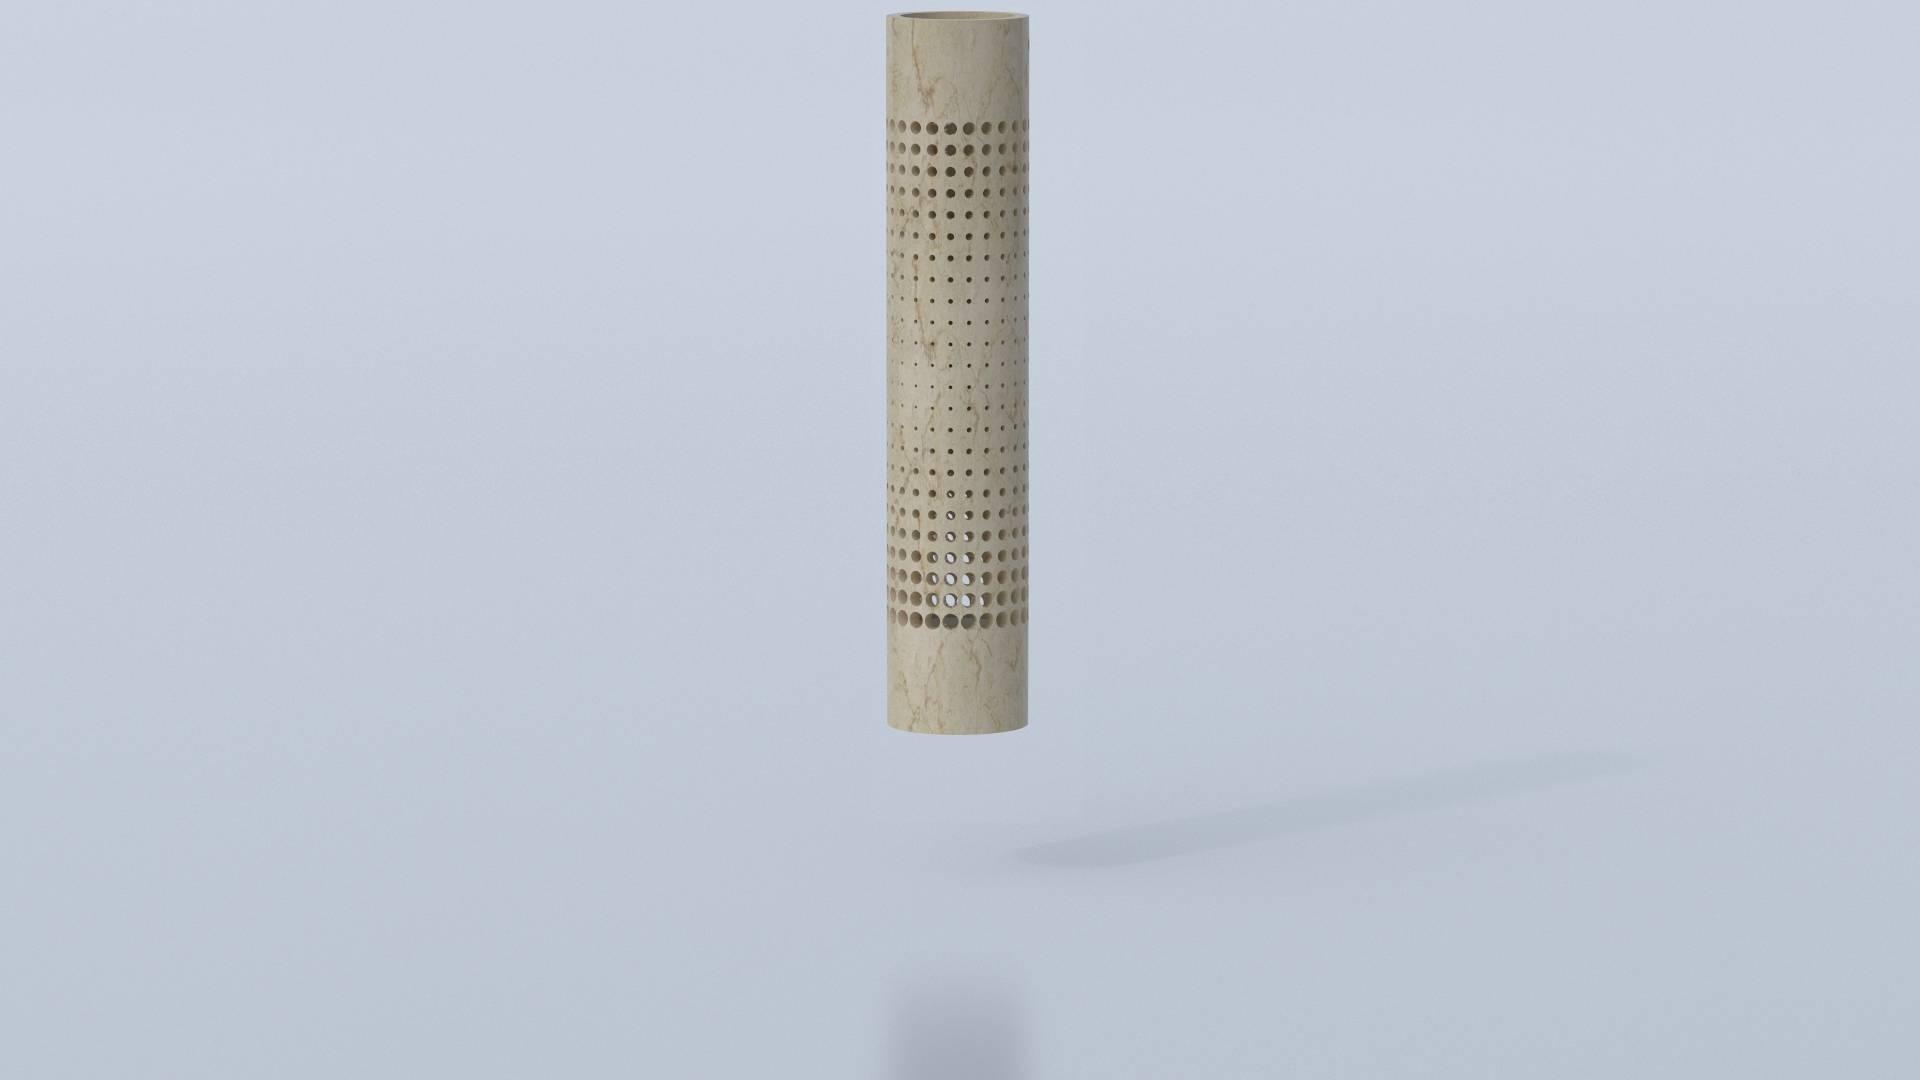 Lampade Da Soffitto Design : Lampadari a soffitto design con led net lineare soffitto